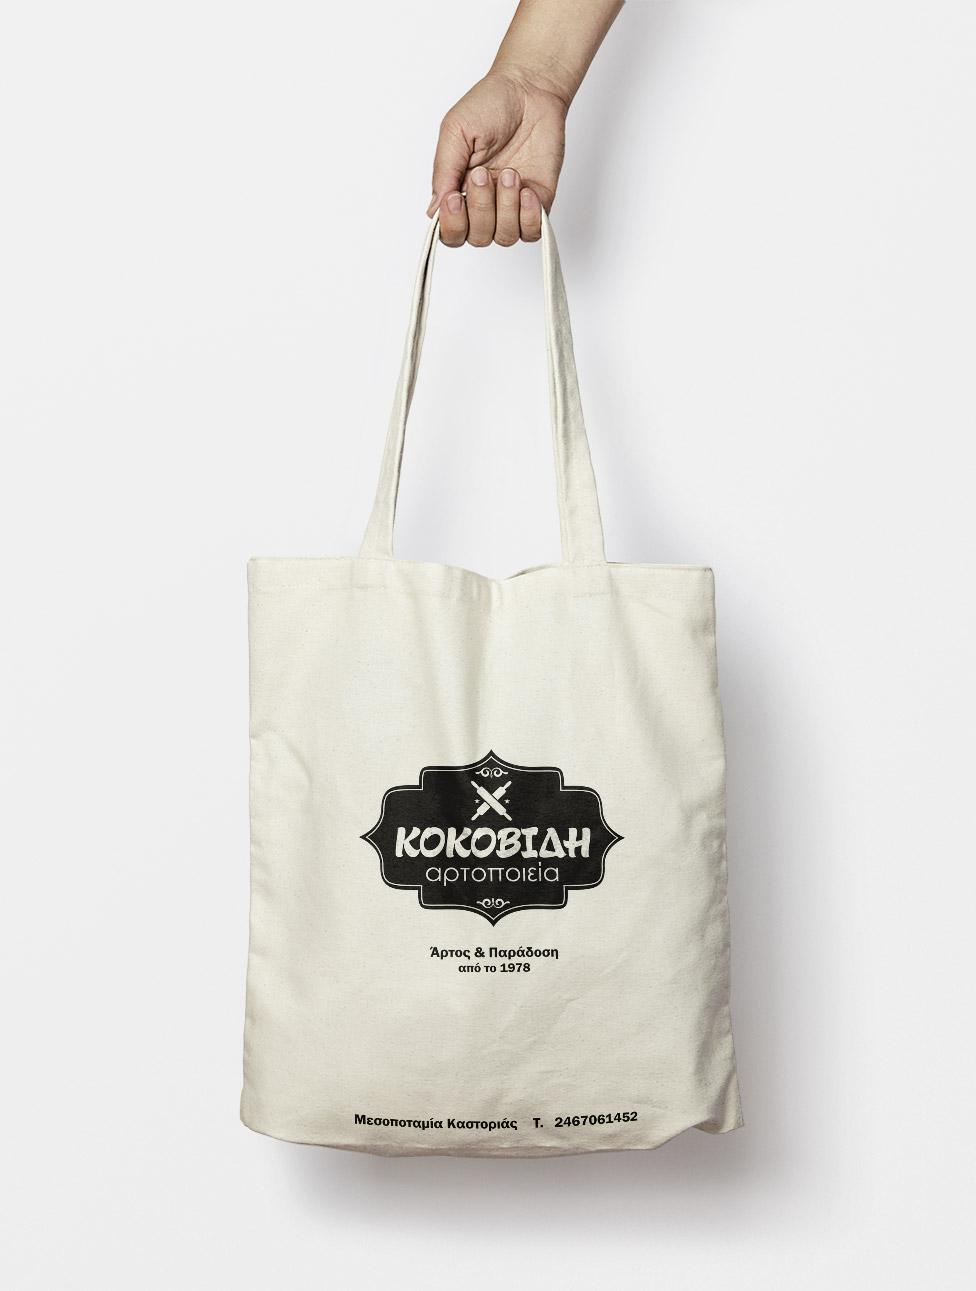 Εκτυπωμένη υφασμάτινη τσάντα για ψώνια 100% βαμβακερή. Εκτυπώστε διαφημιστικές τσάντες και κάντε ένα πρακτικό δώρο στους πελάτες σας. Στην Λιθογραφική εκτυπώνουμε επώνυμες υφασμάτινες τσάντες της εταιρείας SOL'S